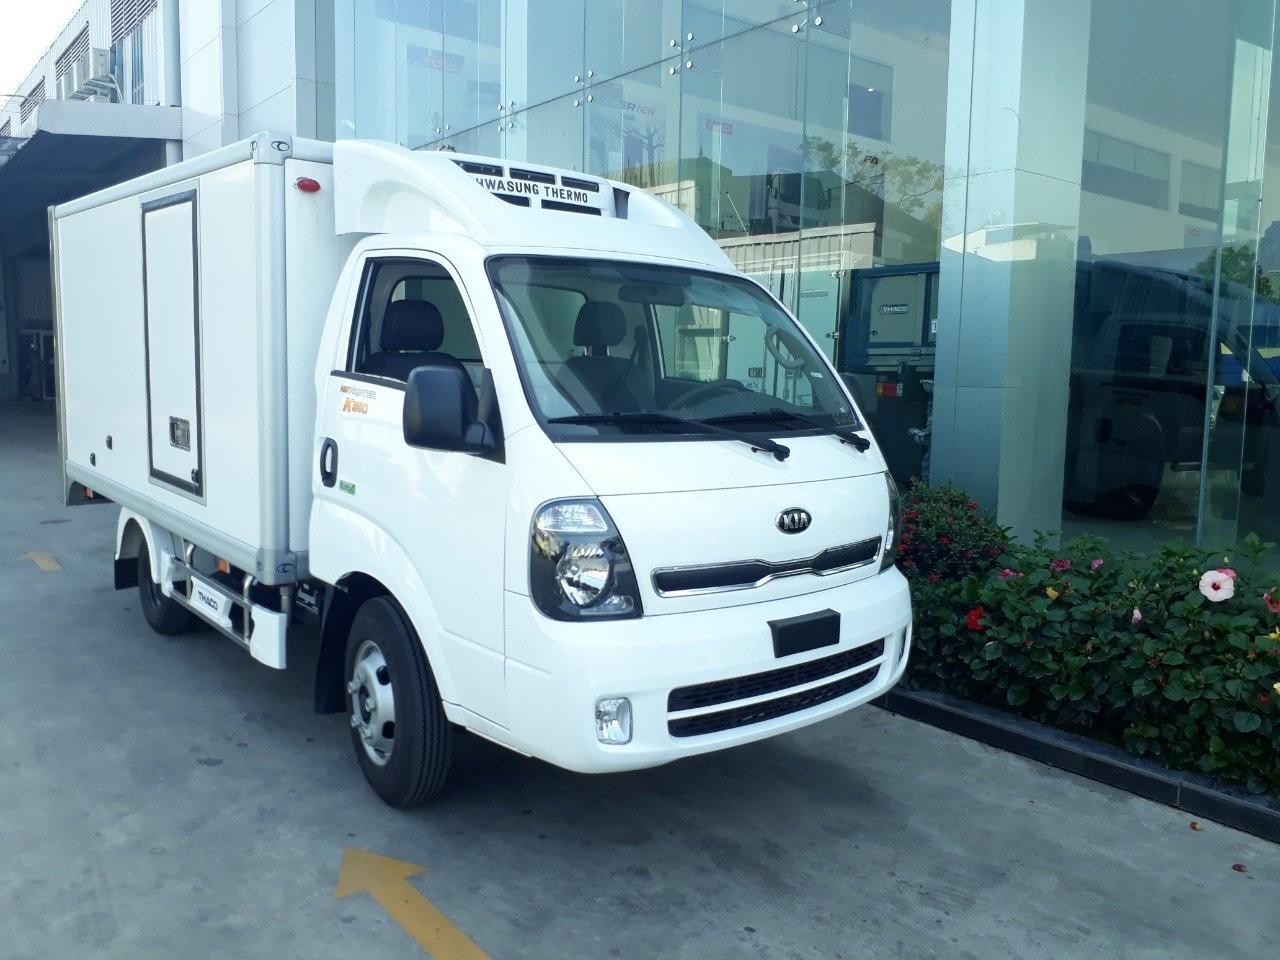 Bán xe tải 1.5 tấn, 1.9 tấn, giá rẻ Kia K200 tại Thaco Hải Phòng